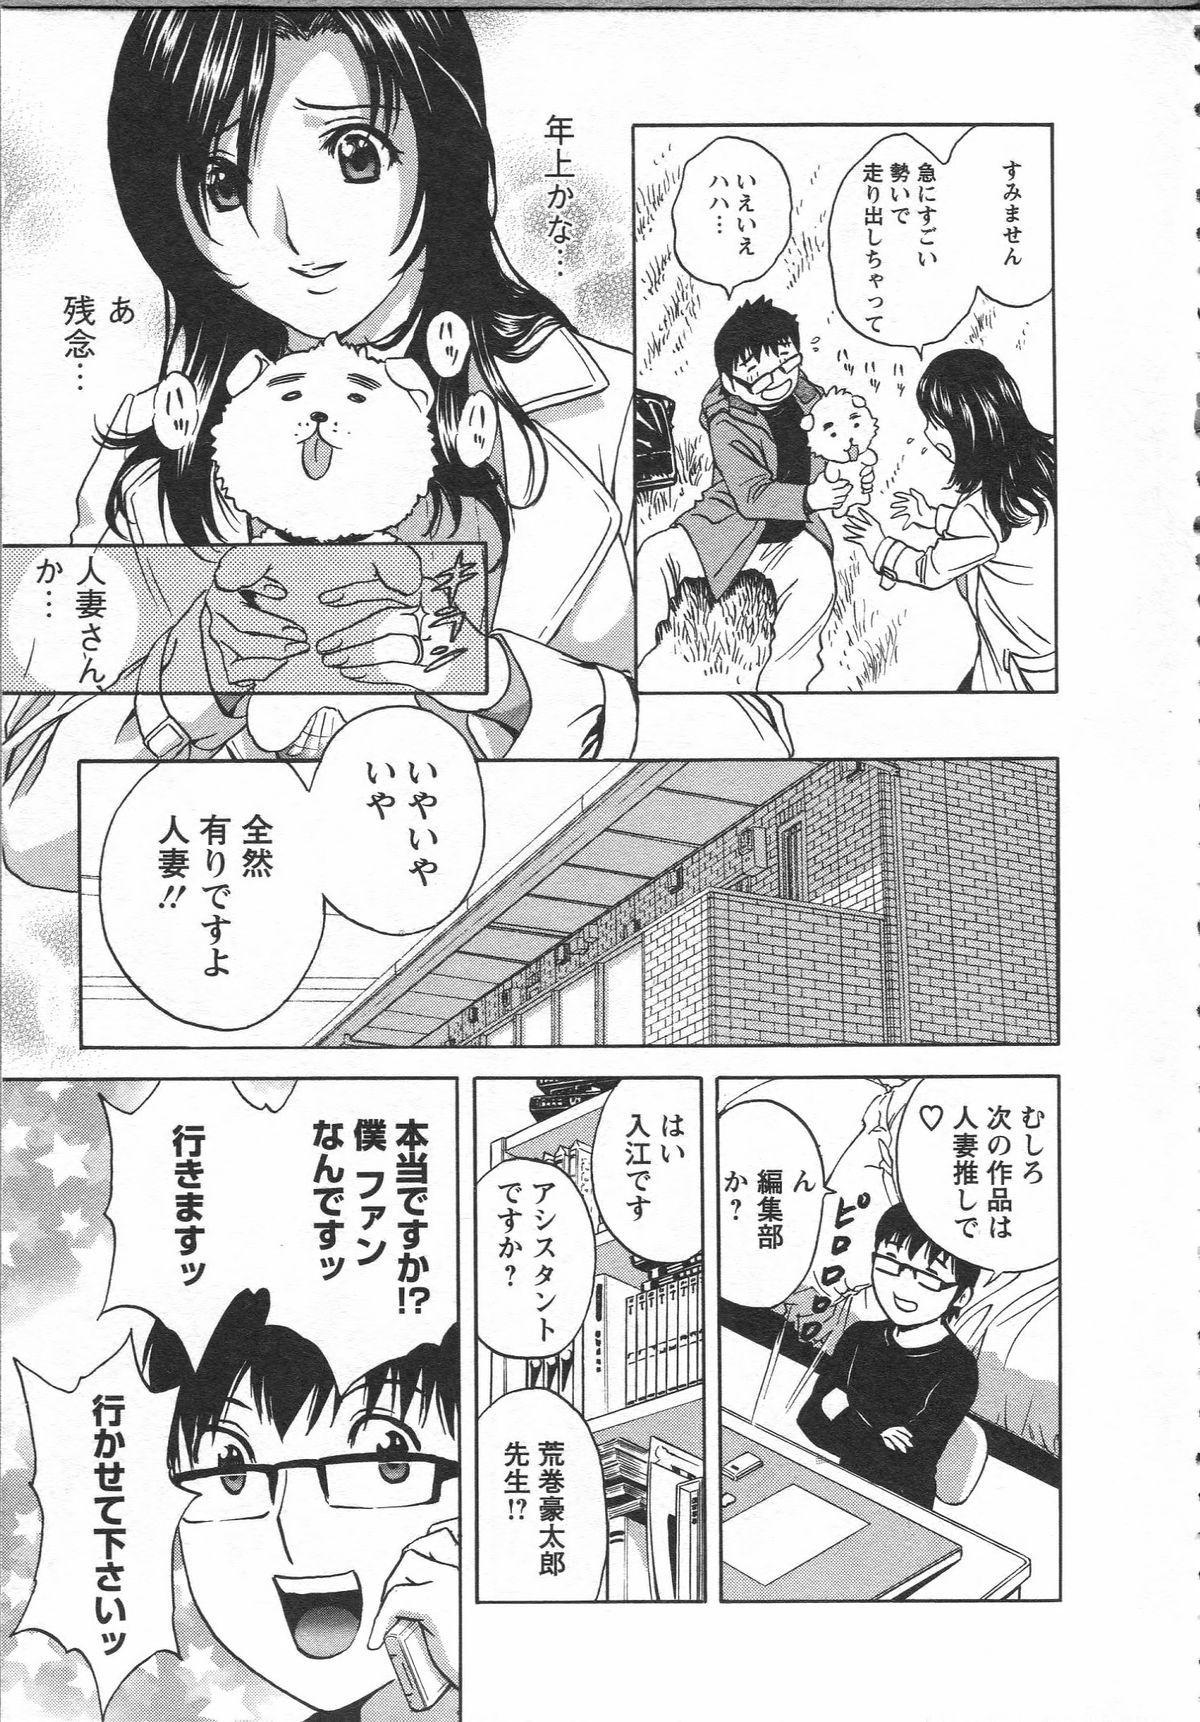 Manga no youna Hitozuma to no Hibi - Days with Married Women such as Comics. 10